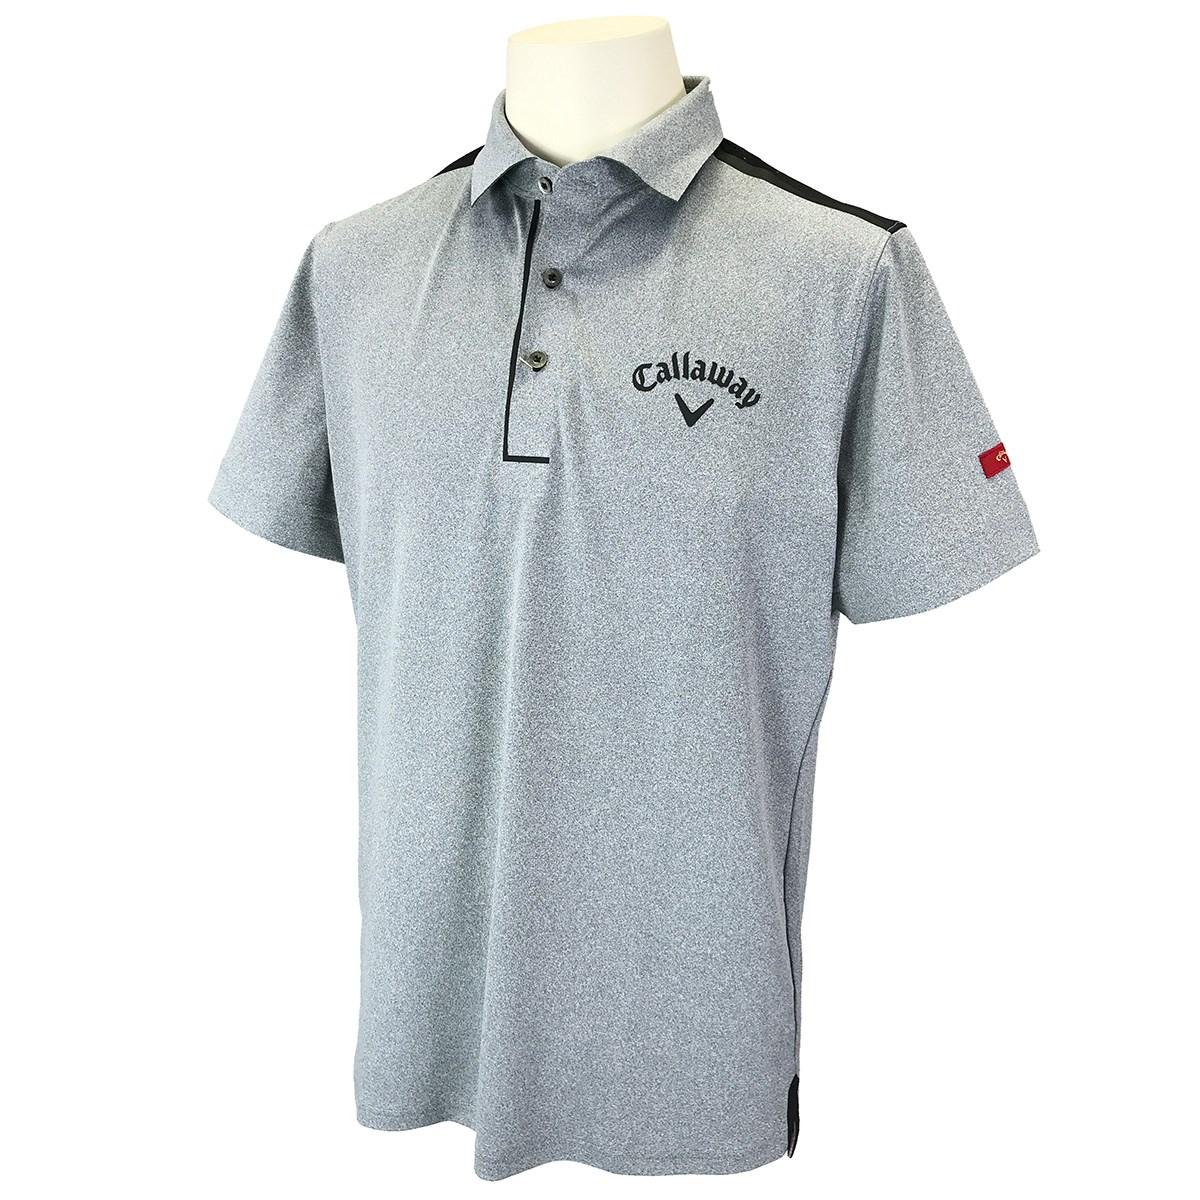 キャロウェイゴルフ CALLAWAY SELECT 半袖ポロシャツ LL グレー 020